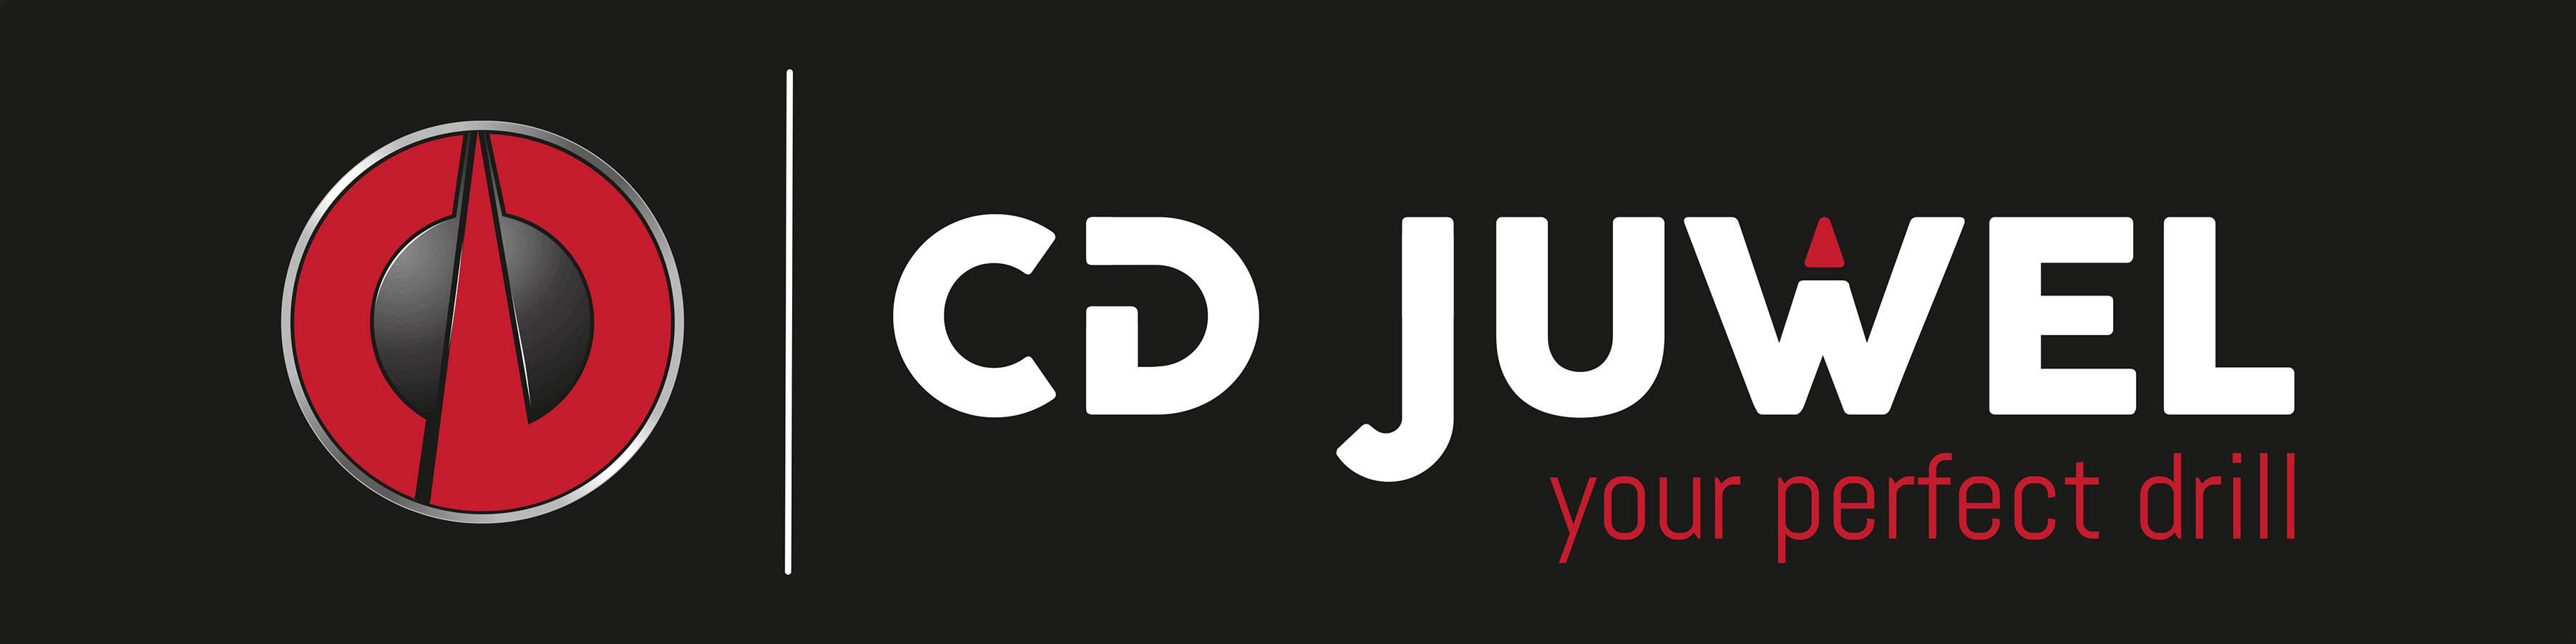 CD Juwel